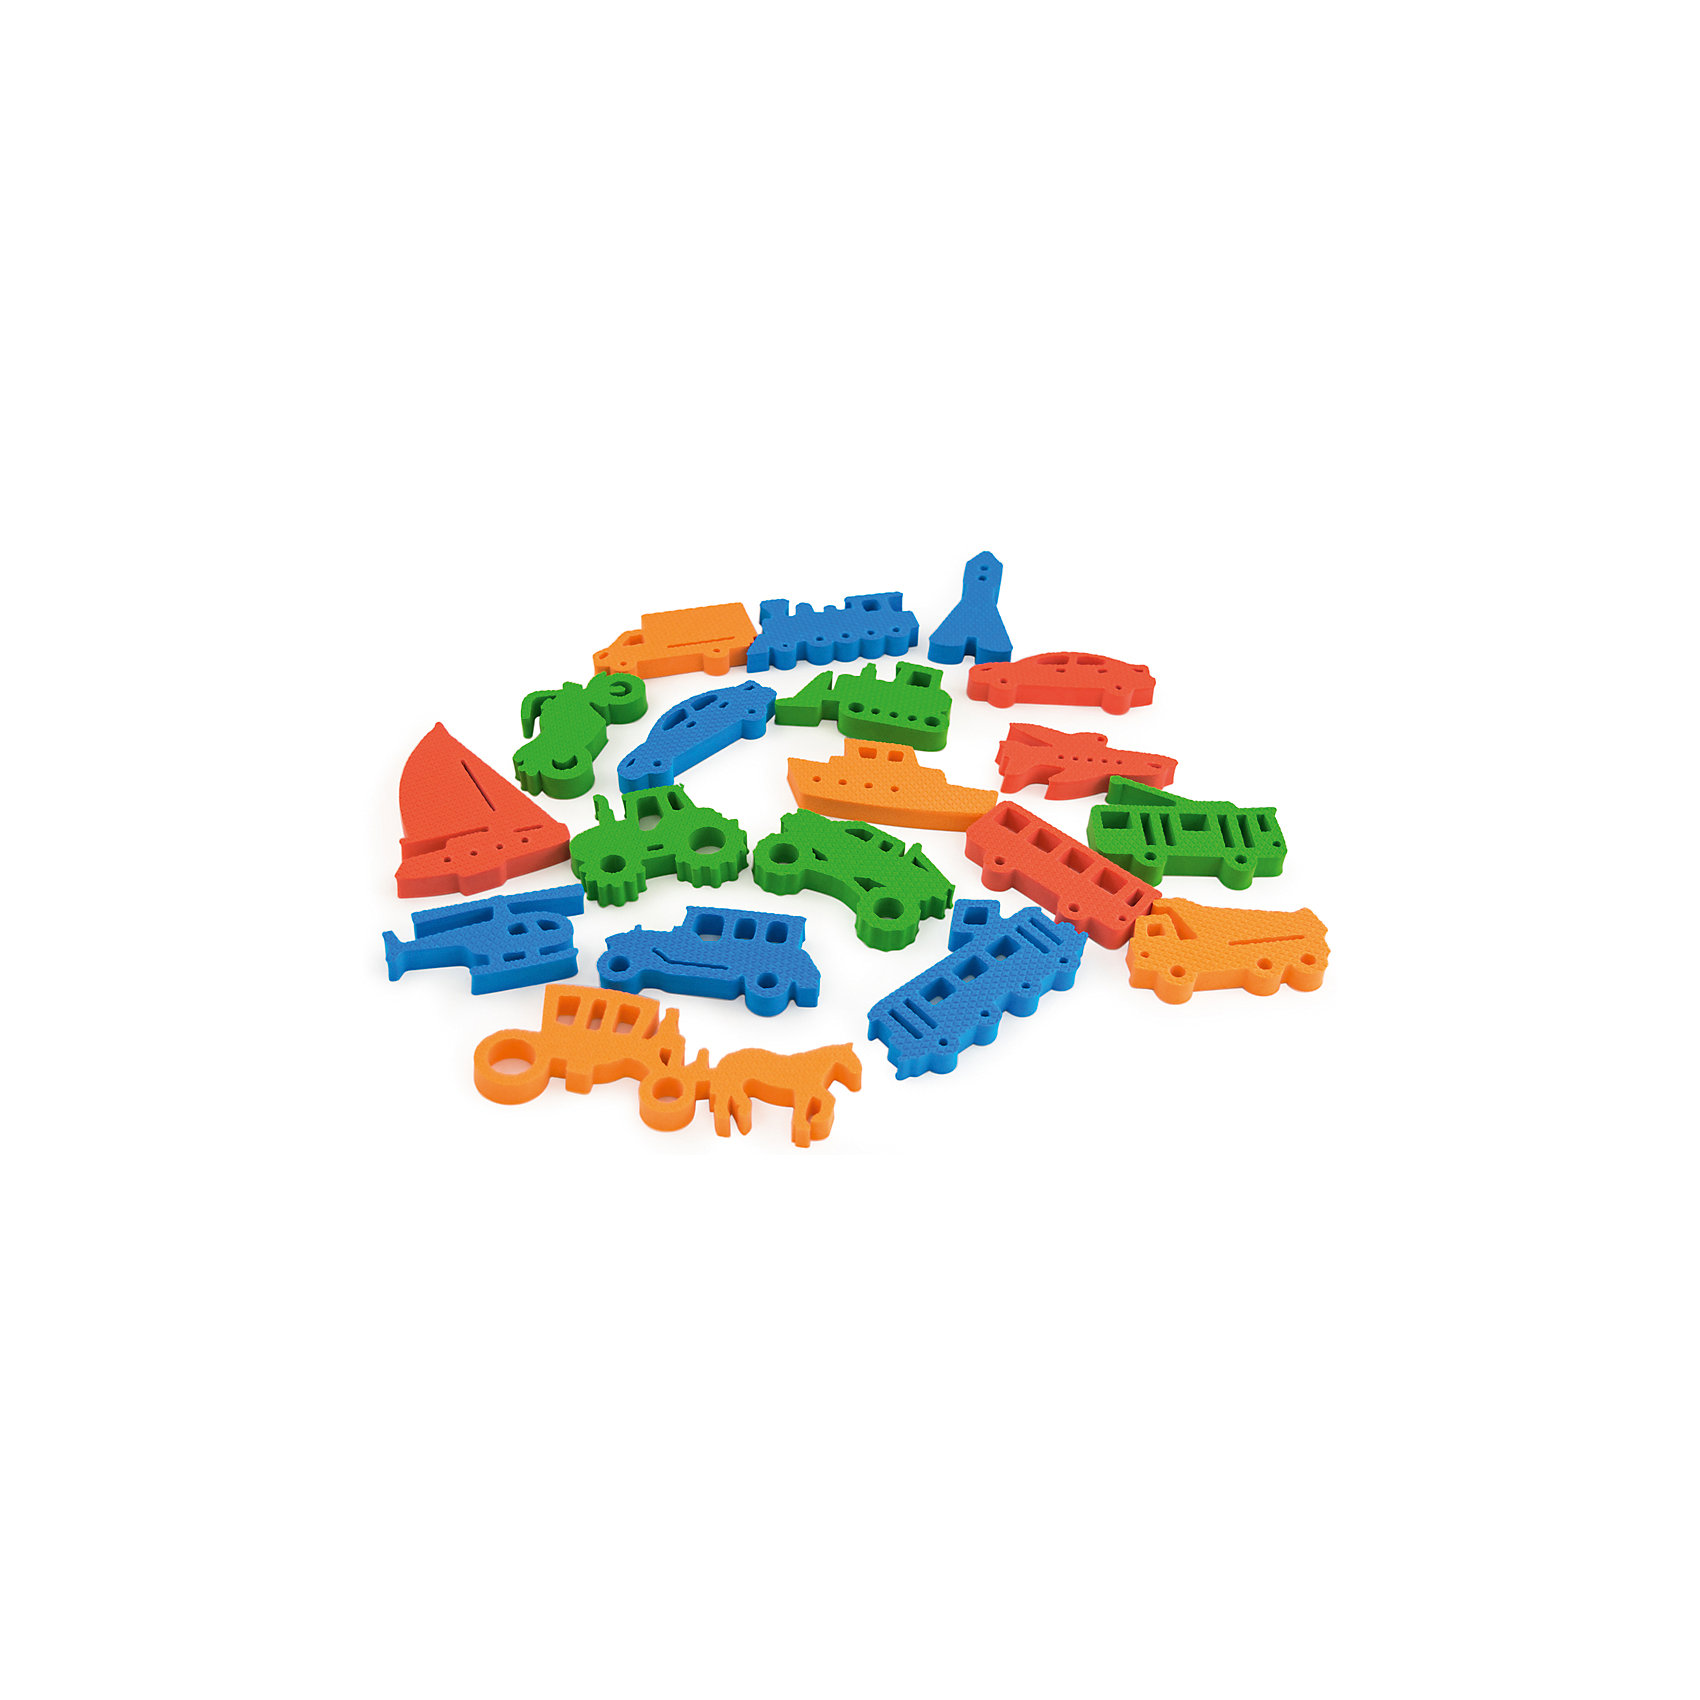 Набор Транспорт, PicnMixТранспорт от PicnMix - это игрушка, которая поможет вам обучать ребенка даже во время купания. Все детали легко держатся на воде, кафеле и других гладких поверхностях. В комплекте фигурки с различными видами транспорта четырех цветов: красный, оранжевый, зеленый, синий. Ребенок без труда выучит названия транспорта, а с вашей помощью он узнает для чего нужно каждое транспортное средство. Отлично развивает мелкую моторику и память. С игрой Транспорт купаться будет очень весело и интересно!<br><br>Дополнительная информация:<br>Материал: ЭВА<br>Размер упаковки: 15х15х25 см<br>Вес: 100 грамм<br><br>Набор Транспорт от PicnMix можно приобрести в нашем интернет-магазине.<br><br>Ширина мм: 150<br>Глубина мм: 250<br>Высота мм: 150<br>Вес г: 100<br>Возраст от месяцев: 36<br>Возраст до месяцев: 60<br>Пол: Унисекс<br>Возраст: Детский<br>SKU: 5008804